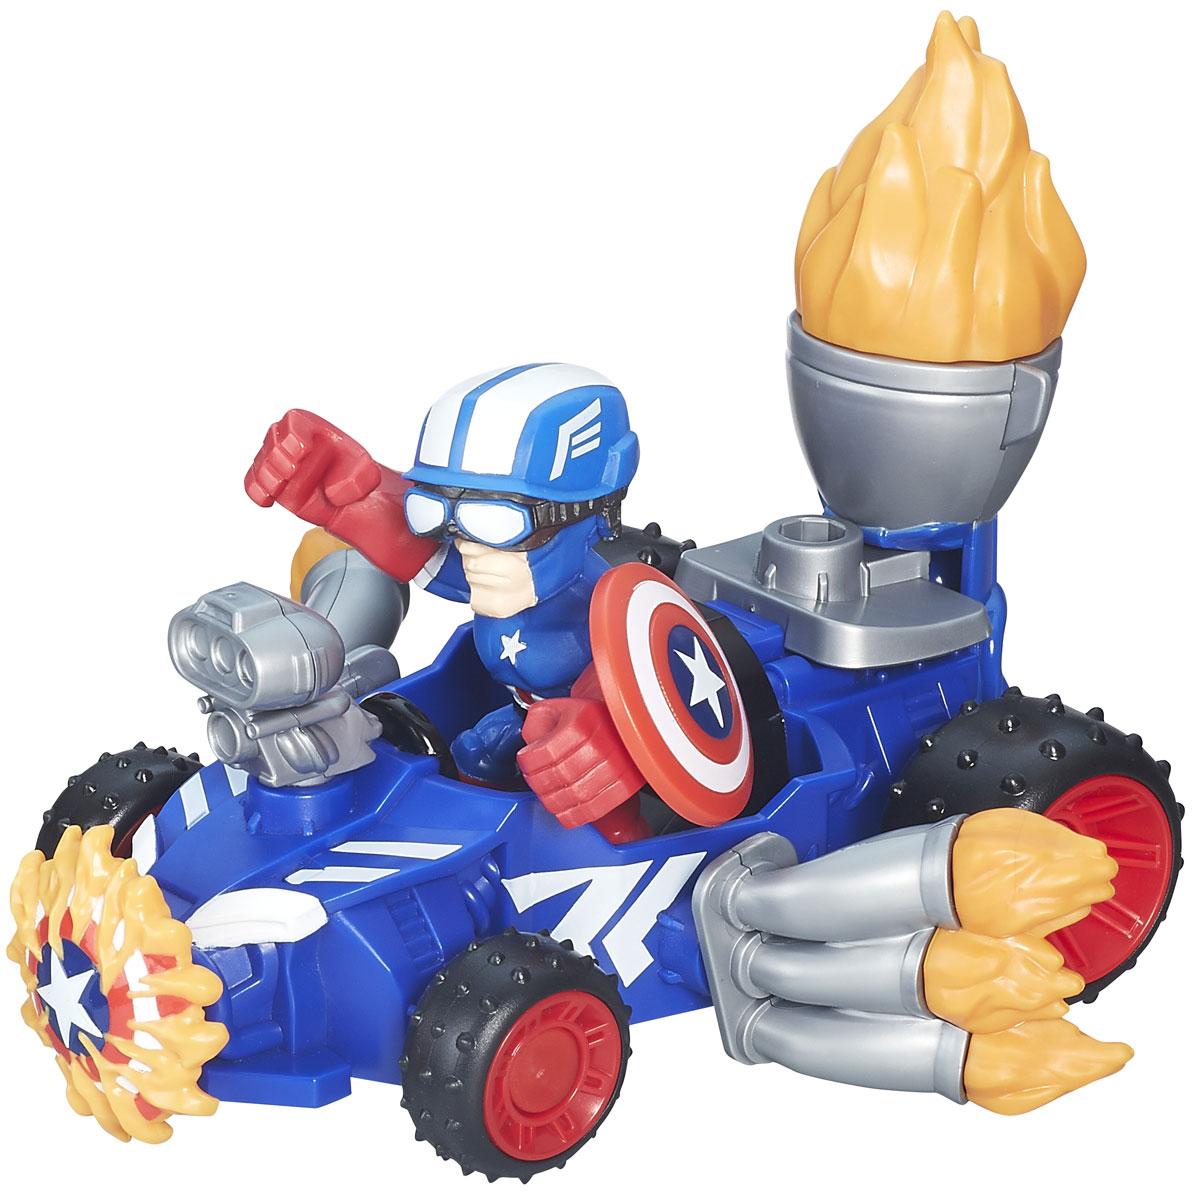 Heromashers Набор фигурок Captain America RacerB6433EU4_6686_синийНабор фигурок Heromashers Captain America Racer станет отличным подарком для фанатов Капитана Америки! В набор входит фигурка Капитана Америки со щитом и шлемом, а также автомобиль супергероя. Руки фигурки взаимозаменяемы с фигурками других супергероев этой серии игрушек. Соберите всю коллекцию фигурок Heromashers и устройте грандиозную битву!